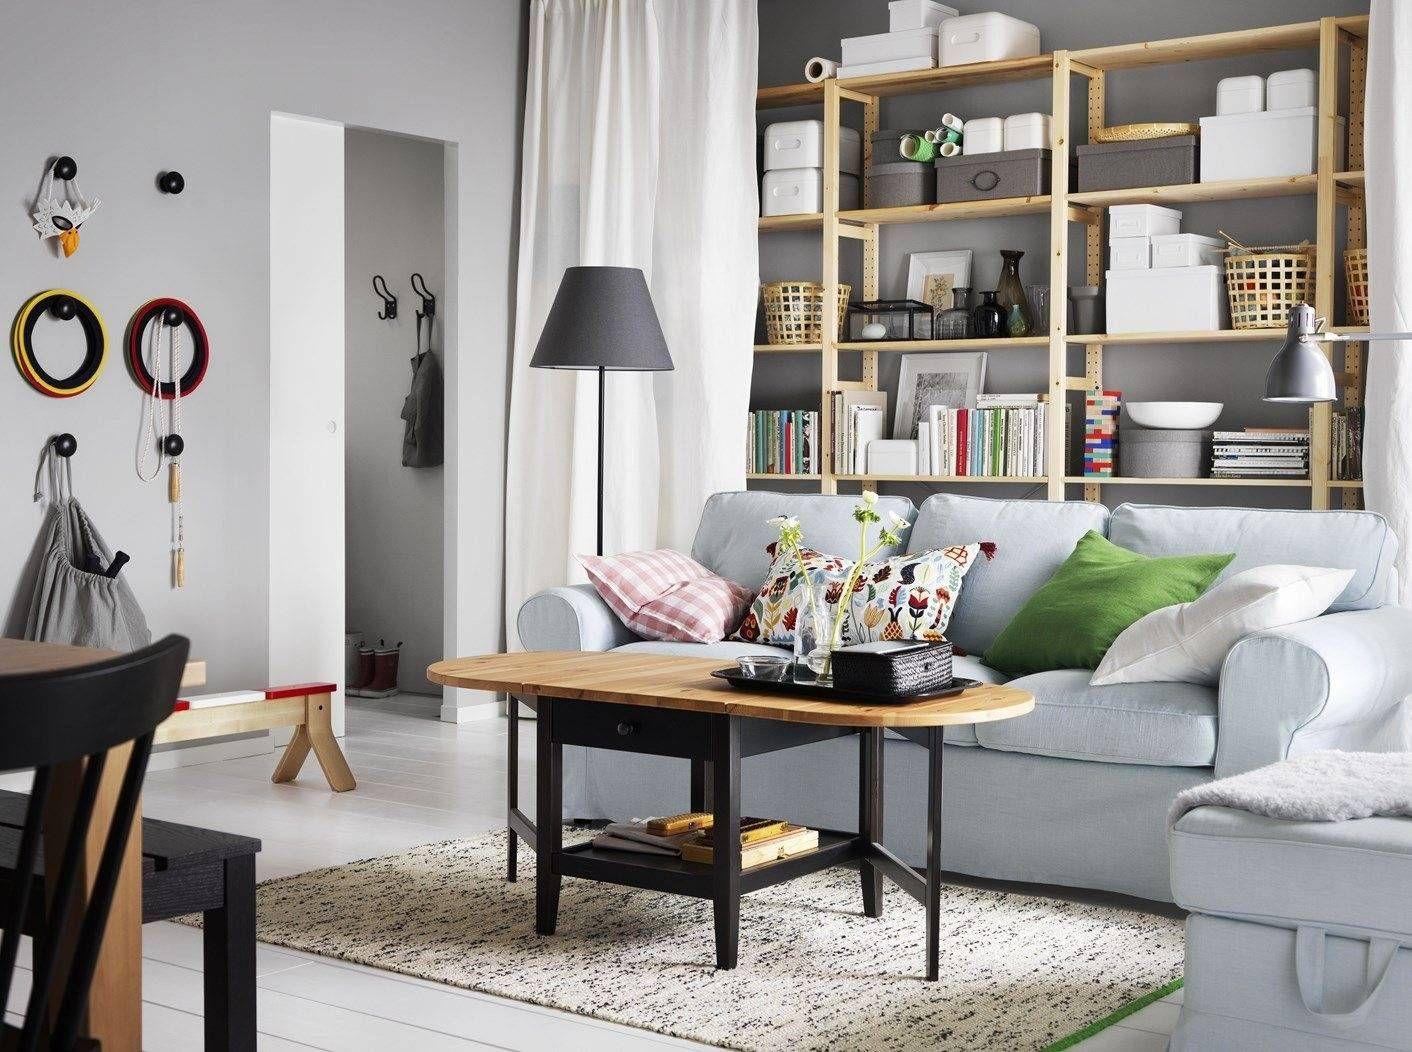 lampen wohnzimmer ikea: wohnzimmer lampe amazon best of